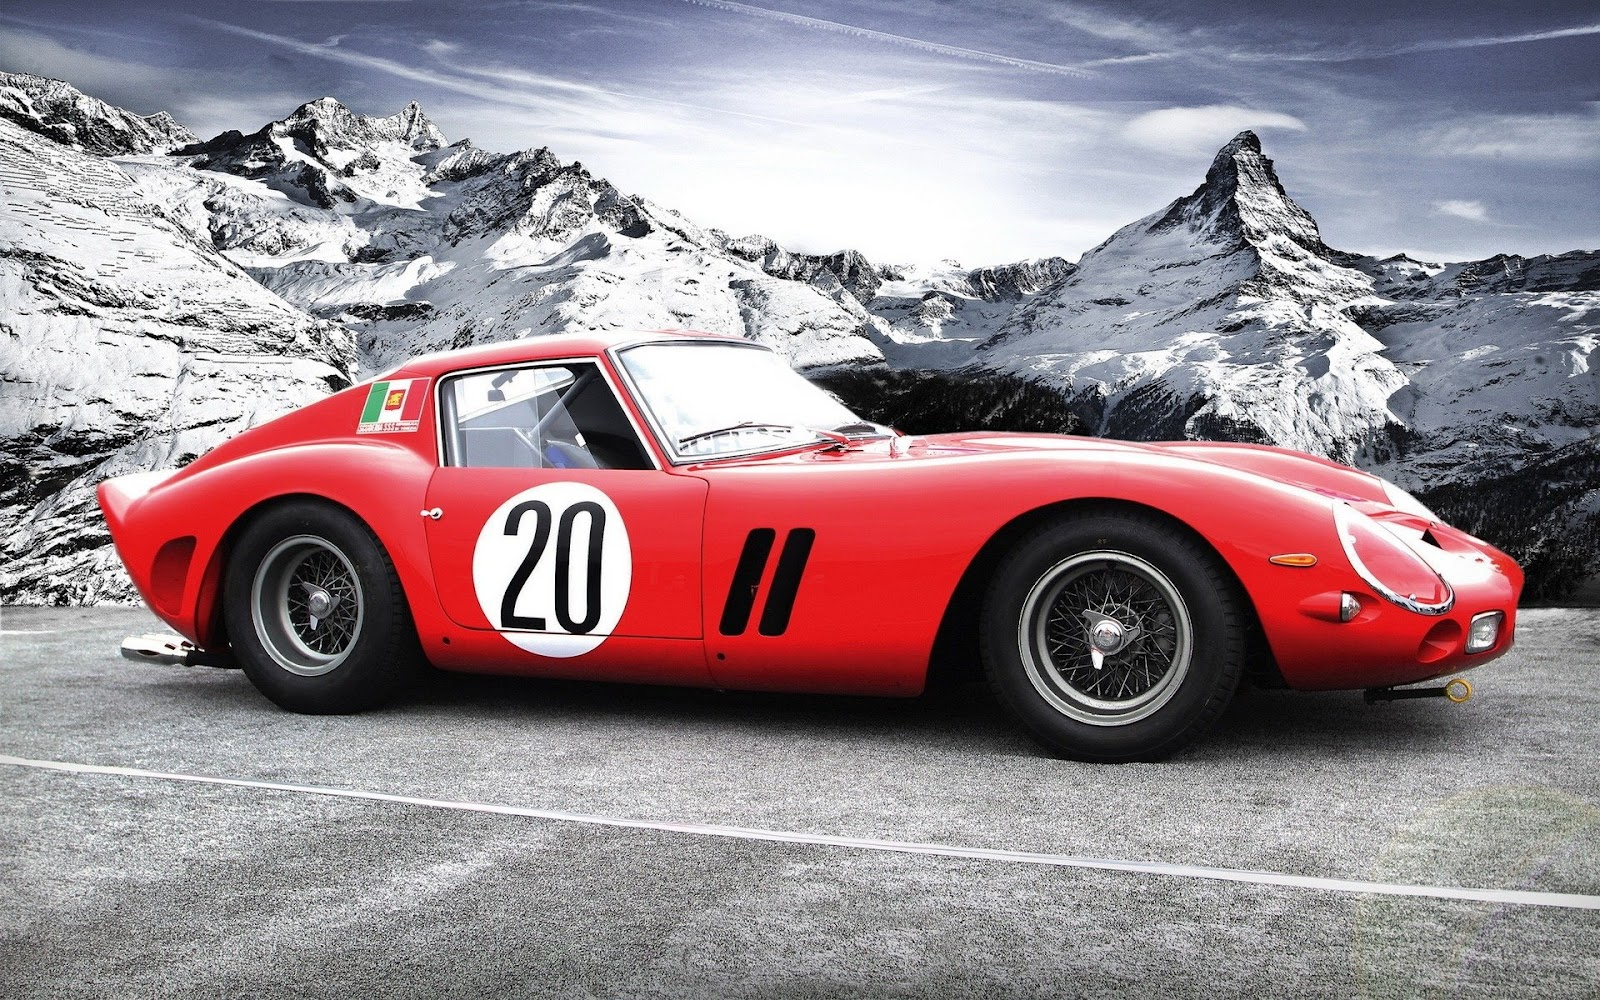 Ferrari 250 Gto Wallpapers: Ferrari, Auto Da Collezione 2014 Più Desiderata Al Mondo